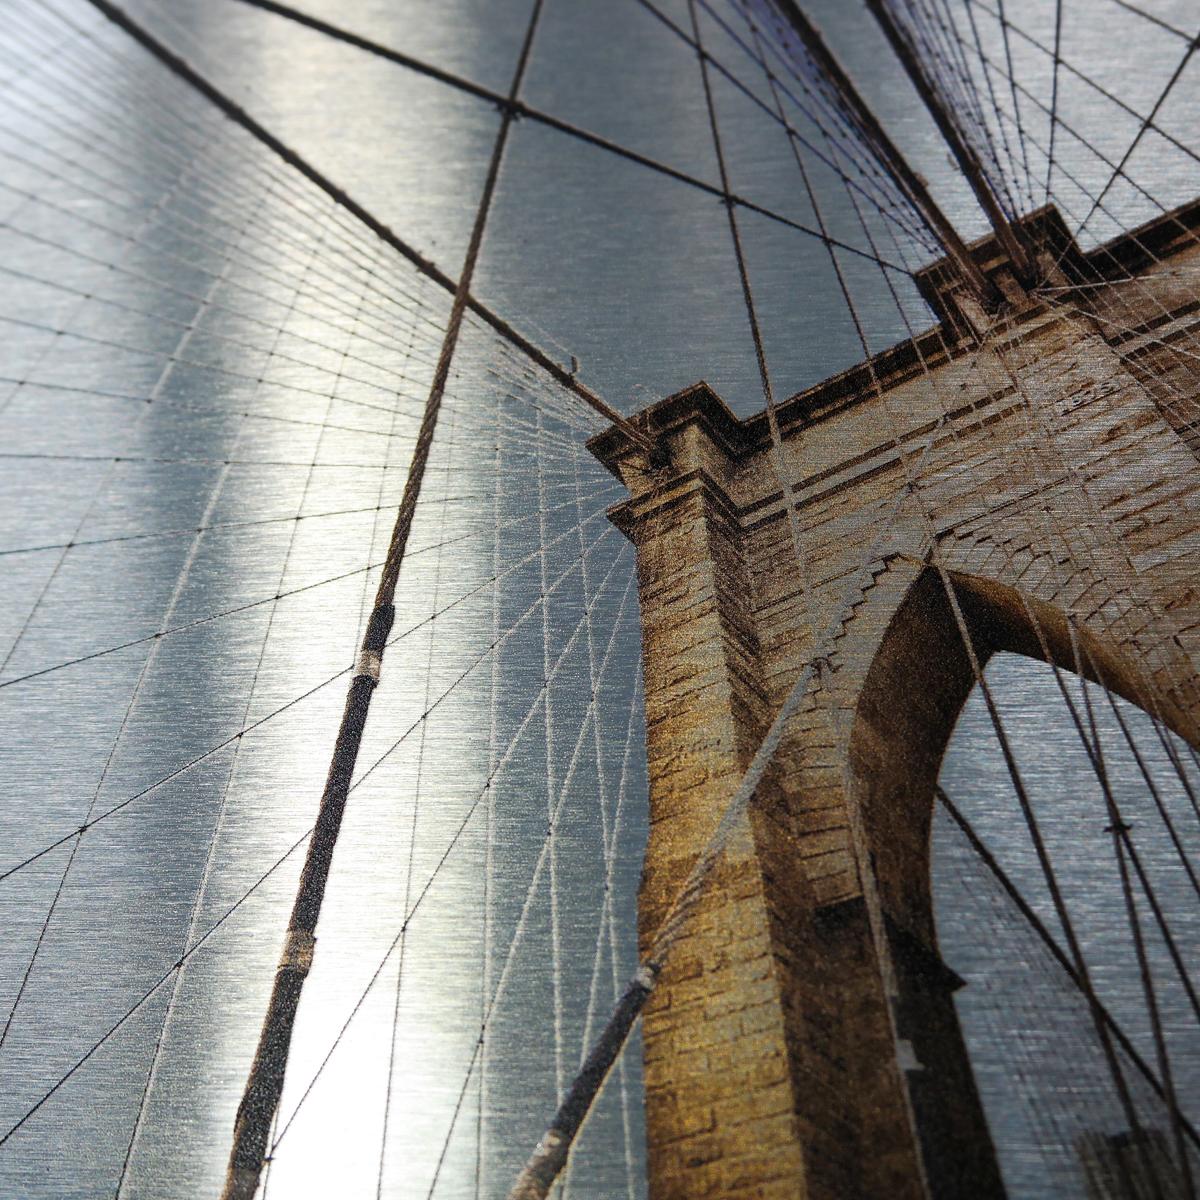 Dibond metal print bridge shows off brushed metal prints beautifully